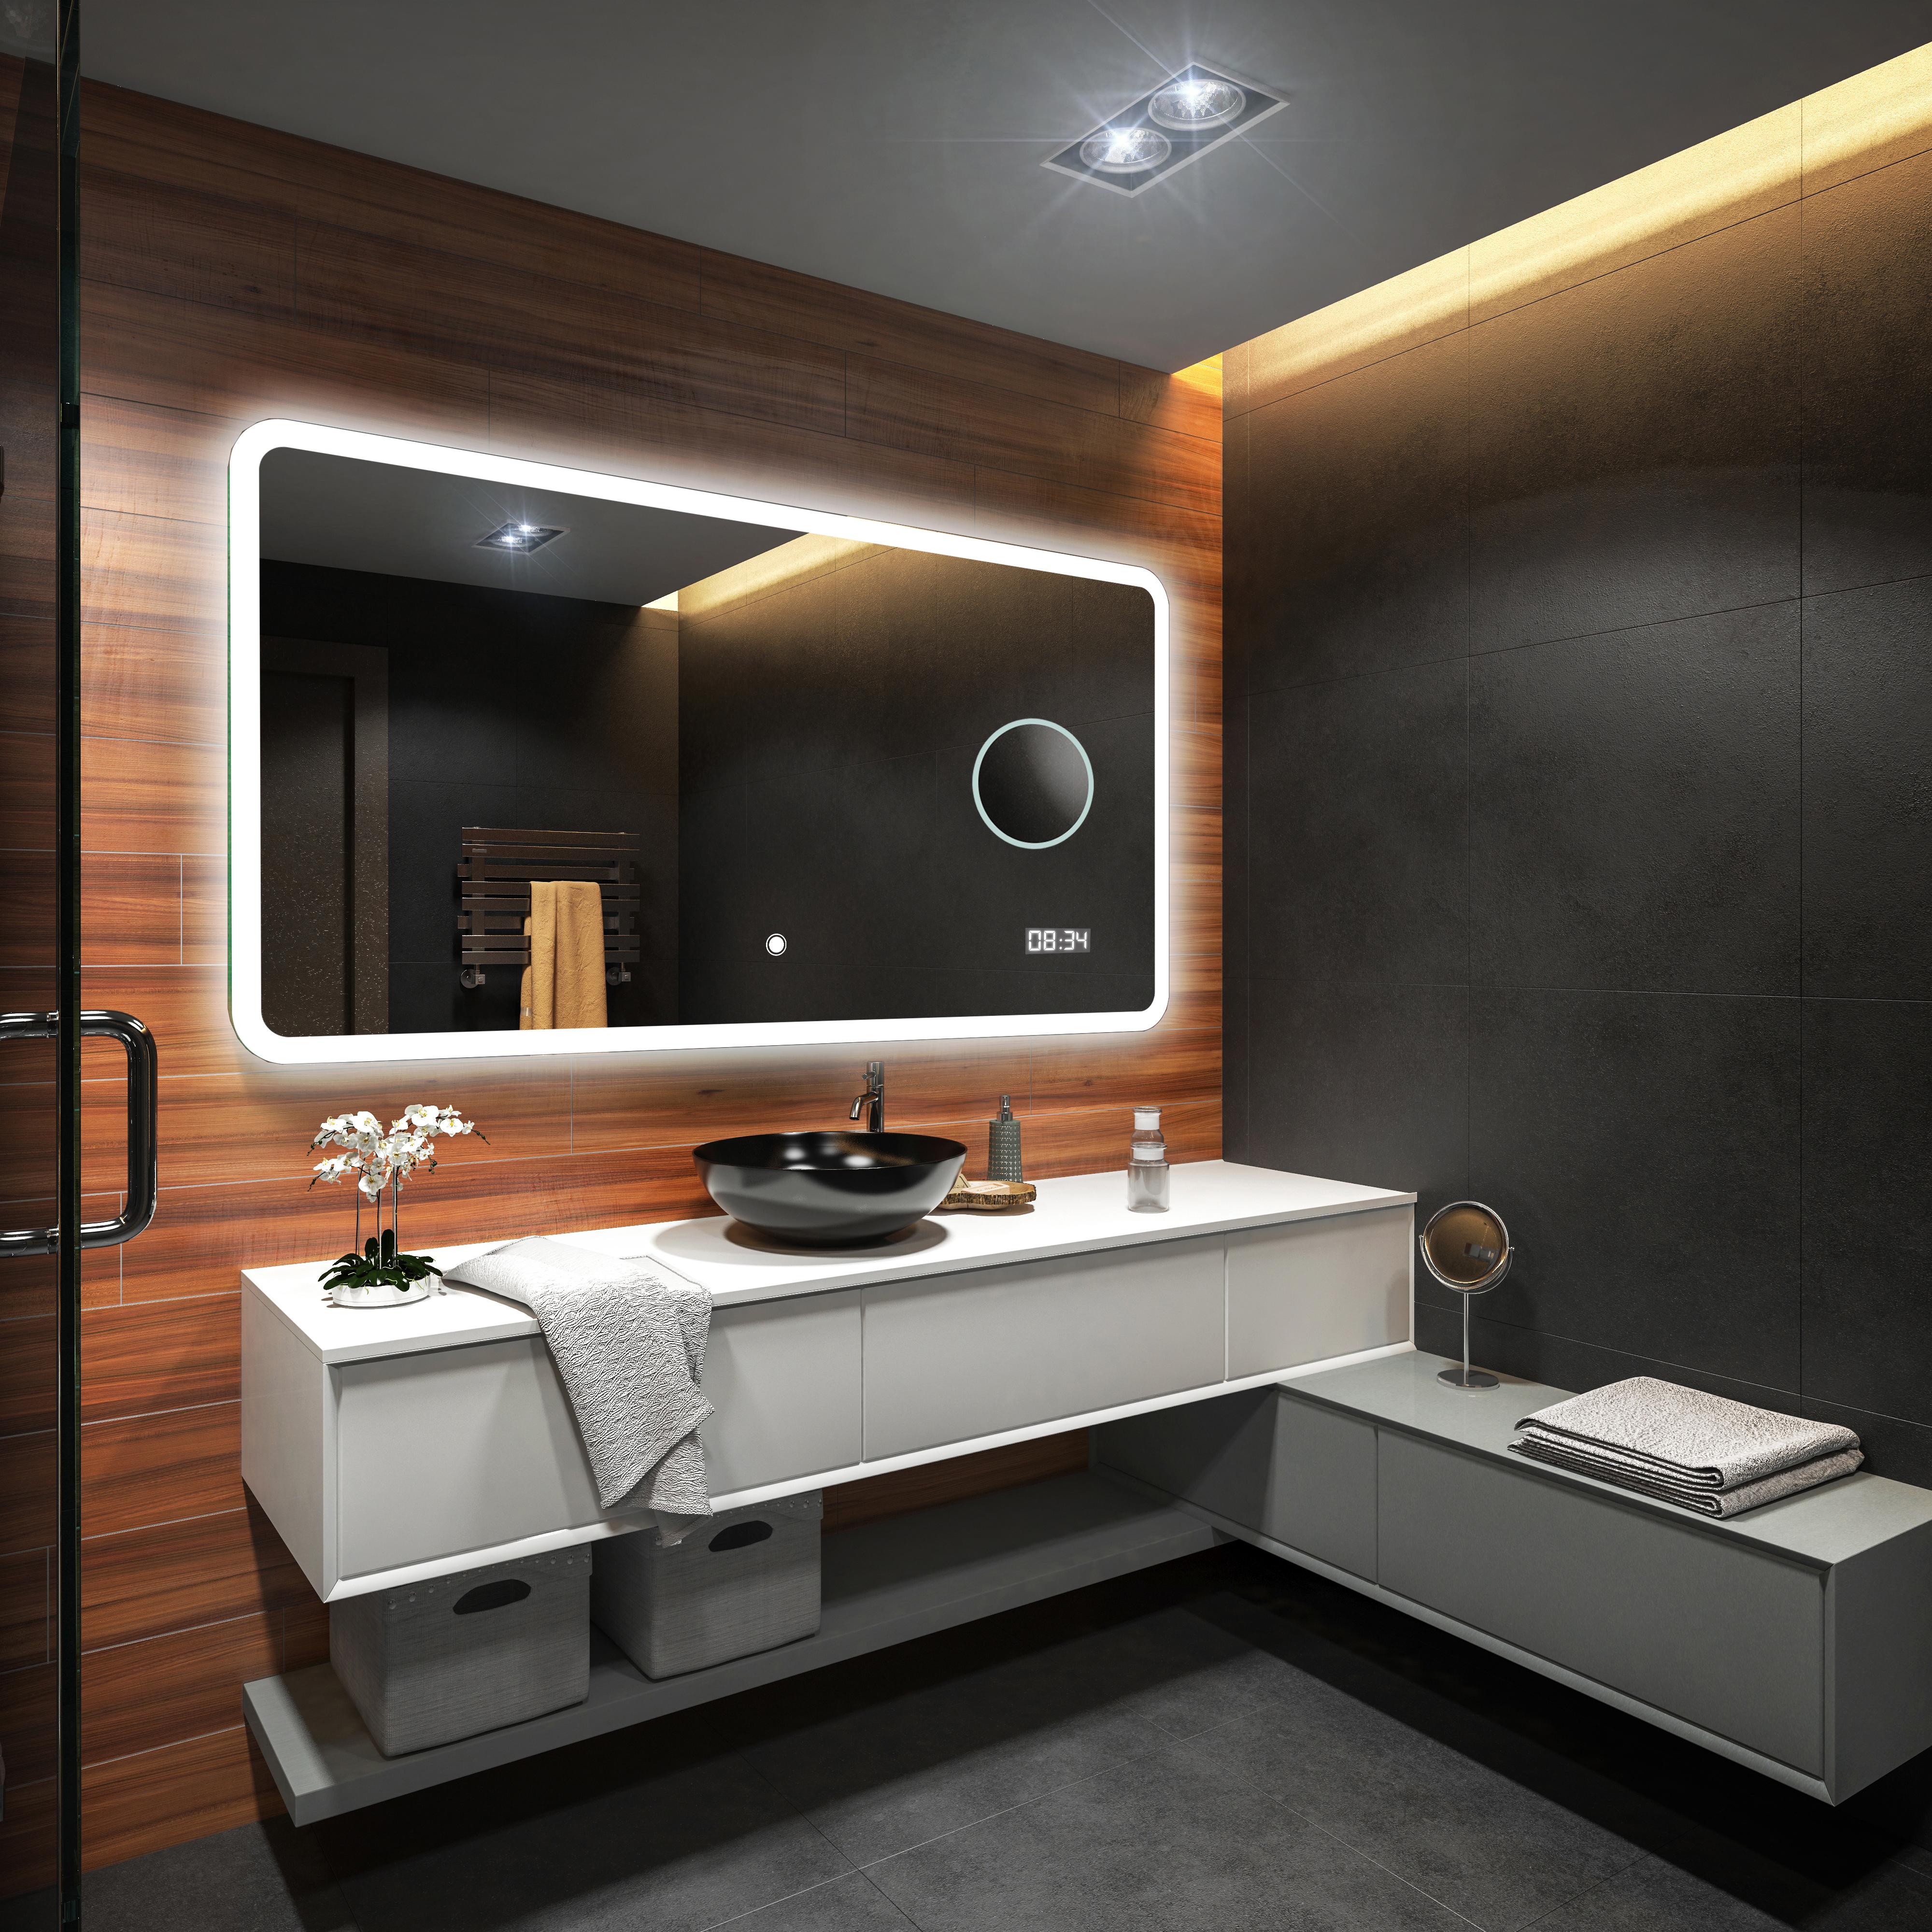 Specchio del bagno illuminazione led interrutore orologio specchio ingranditore ebay - Illuminazione bagno led ...